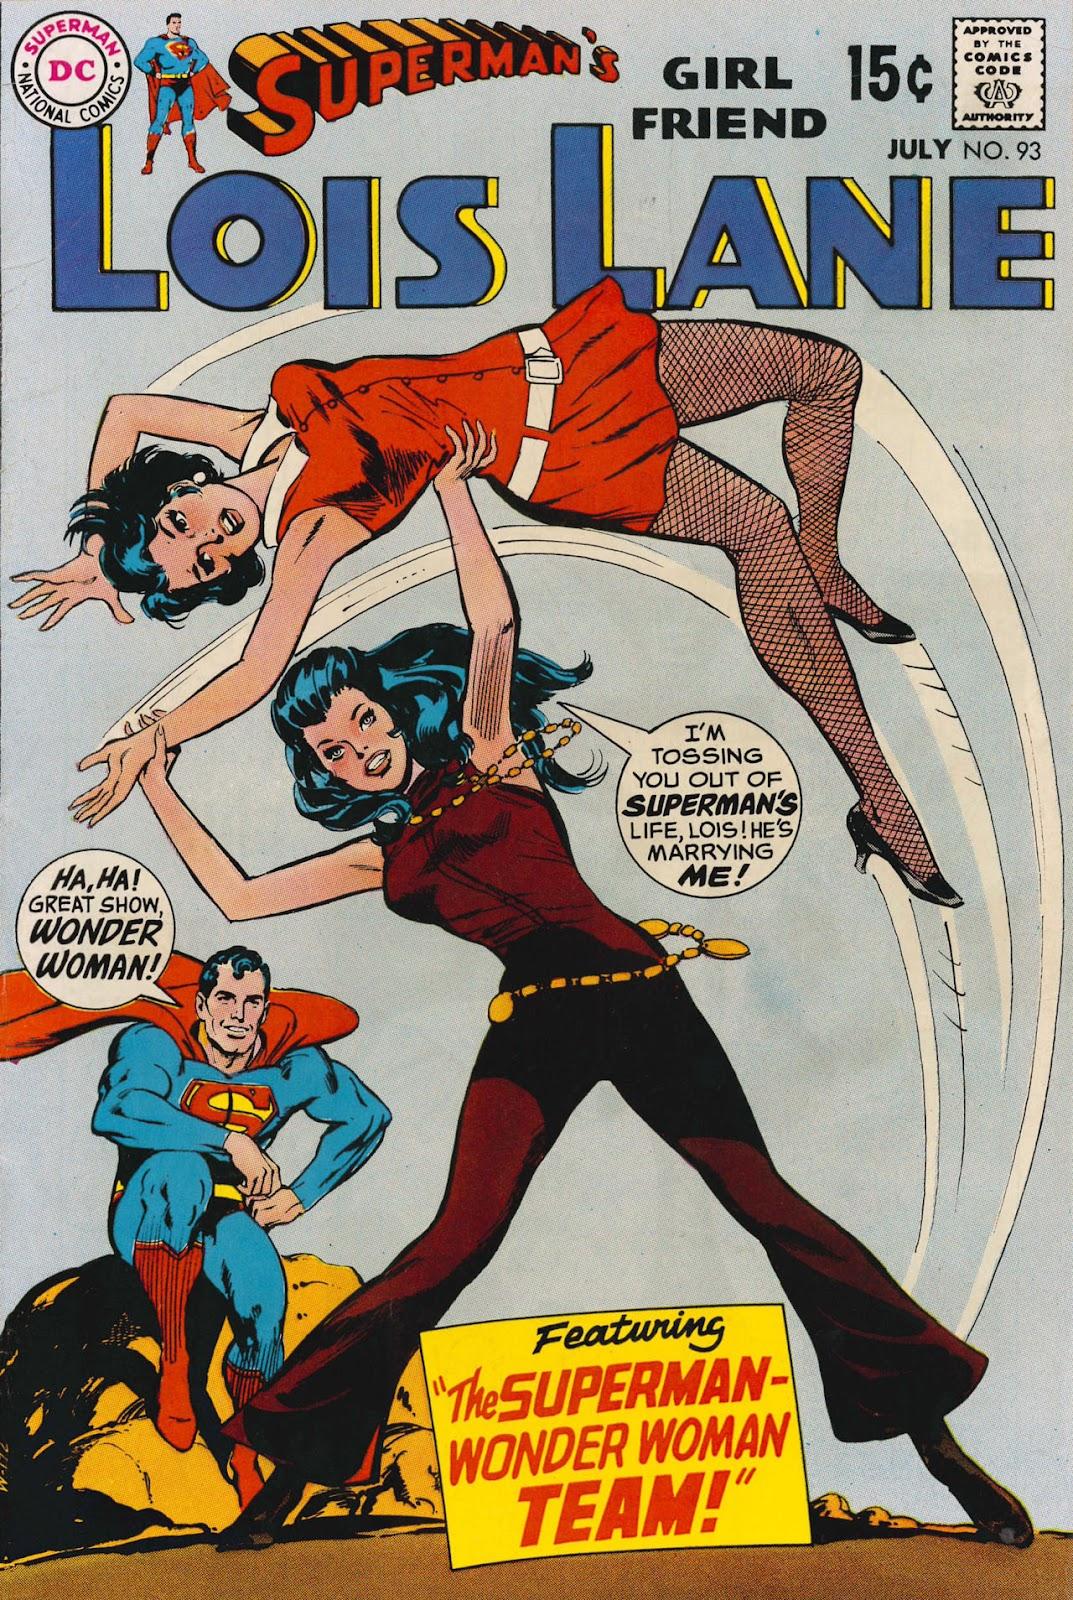 Supermans Girl Friend, Lois Lane 93 Page 1